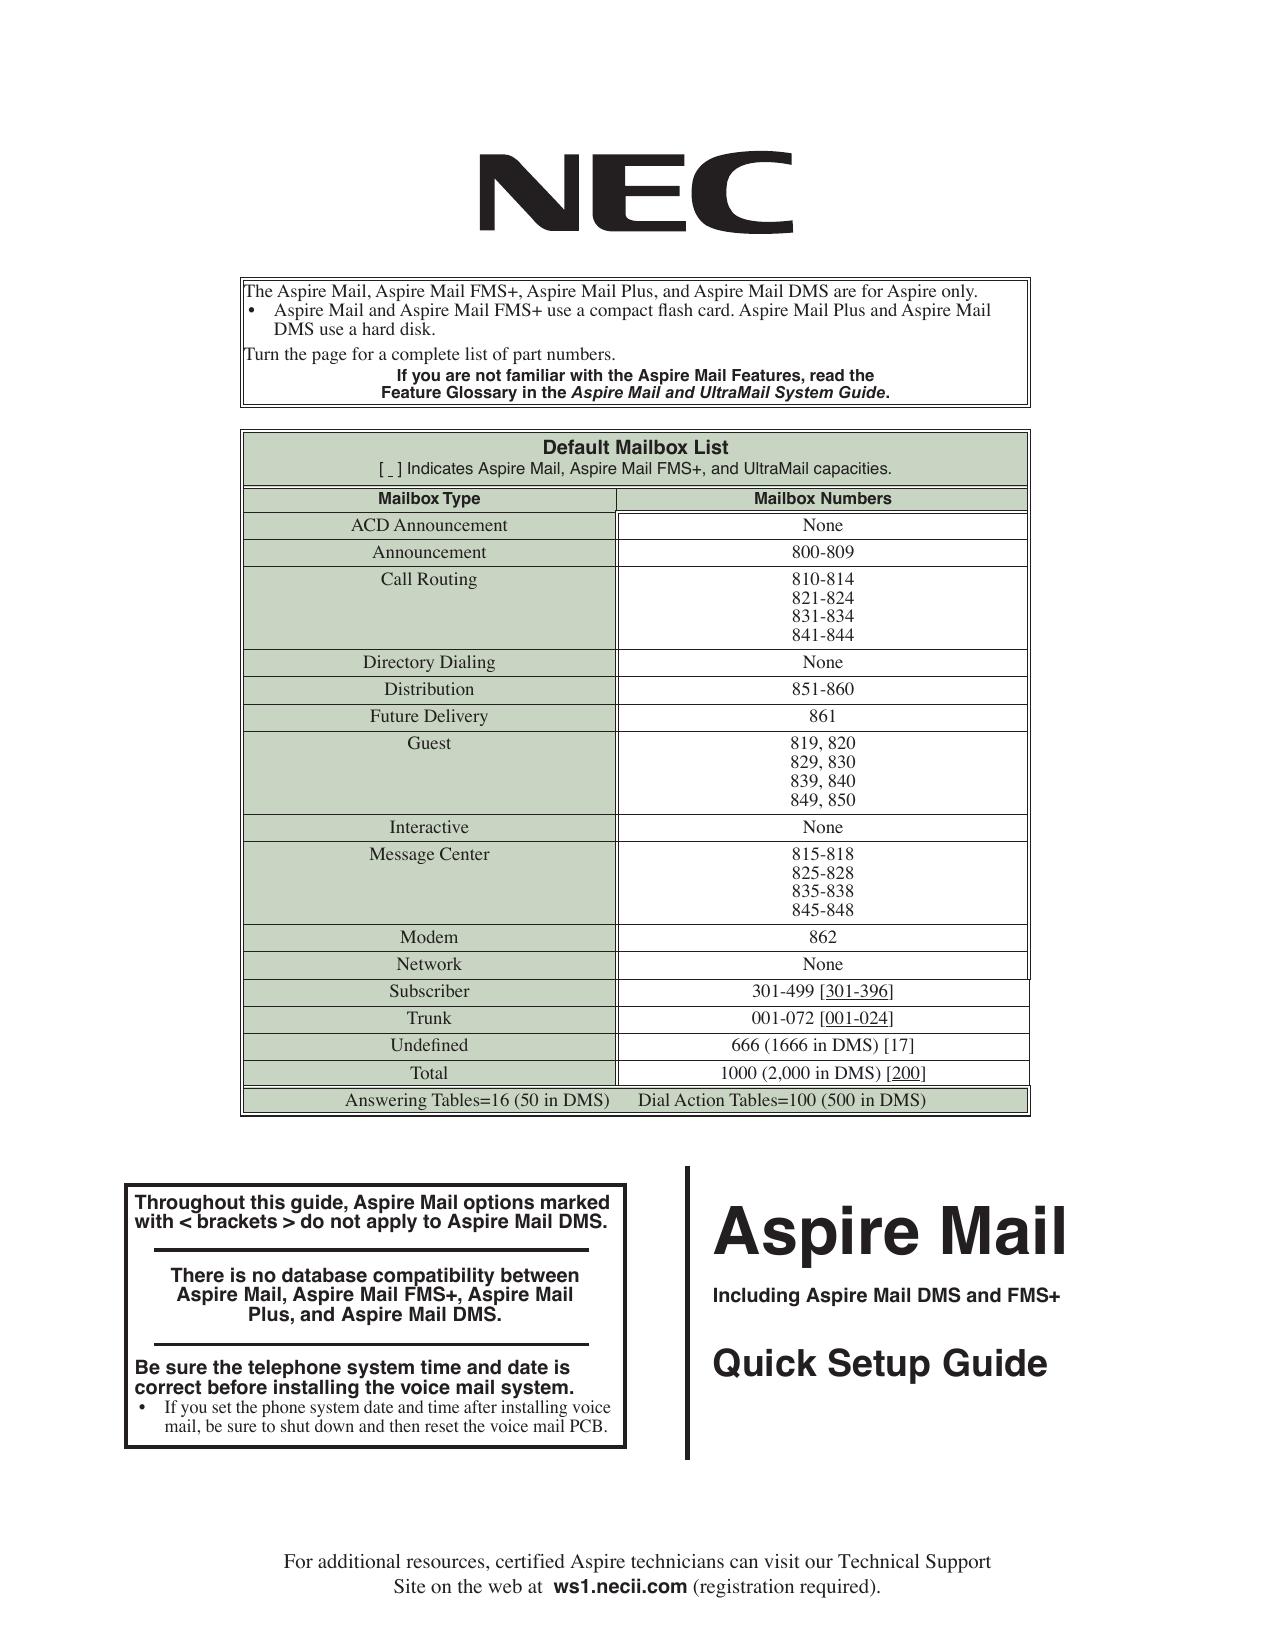 Aspire Mail Quick Setup Guide | manualzz com